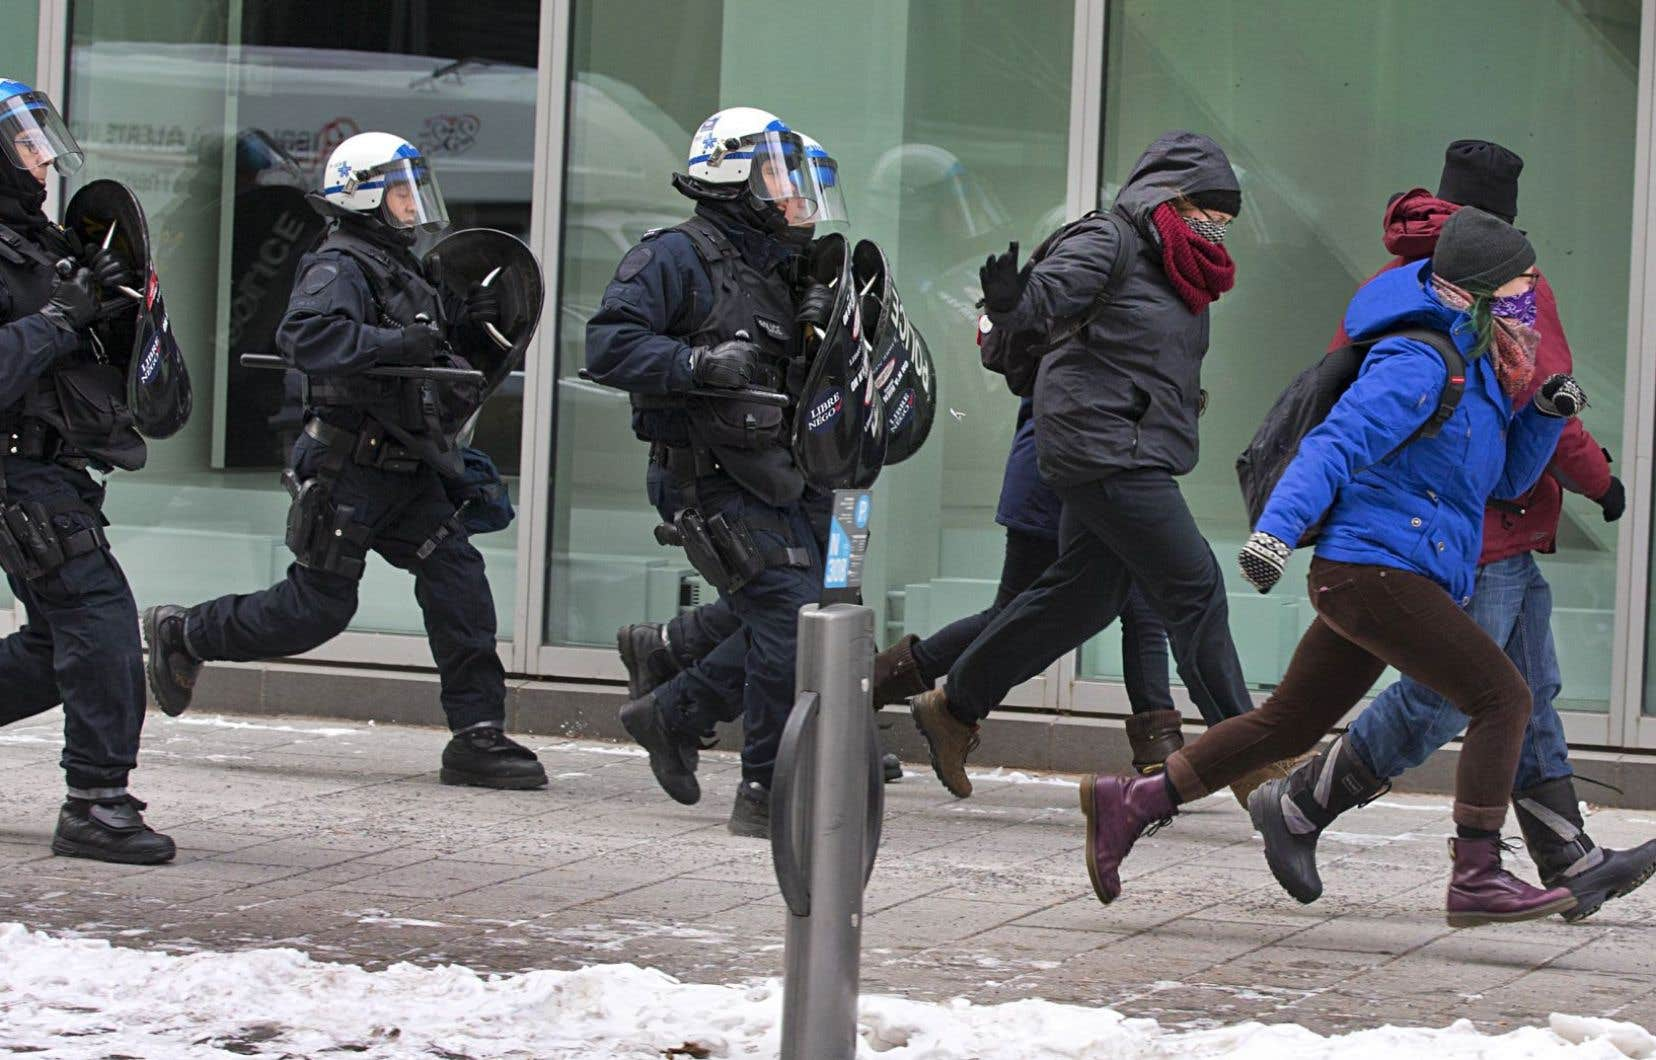 En marge du forum sur les ressources naturelles, qui se tenait lundi au Palais des congrès, une manifestation regroupant une vingtaine de personnes a eu lieu sous surveillance policière. Les participants dénonçaient le manque de consultation des citoyens dans l'exploitation des ressources québécoises.